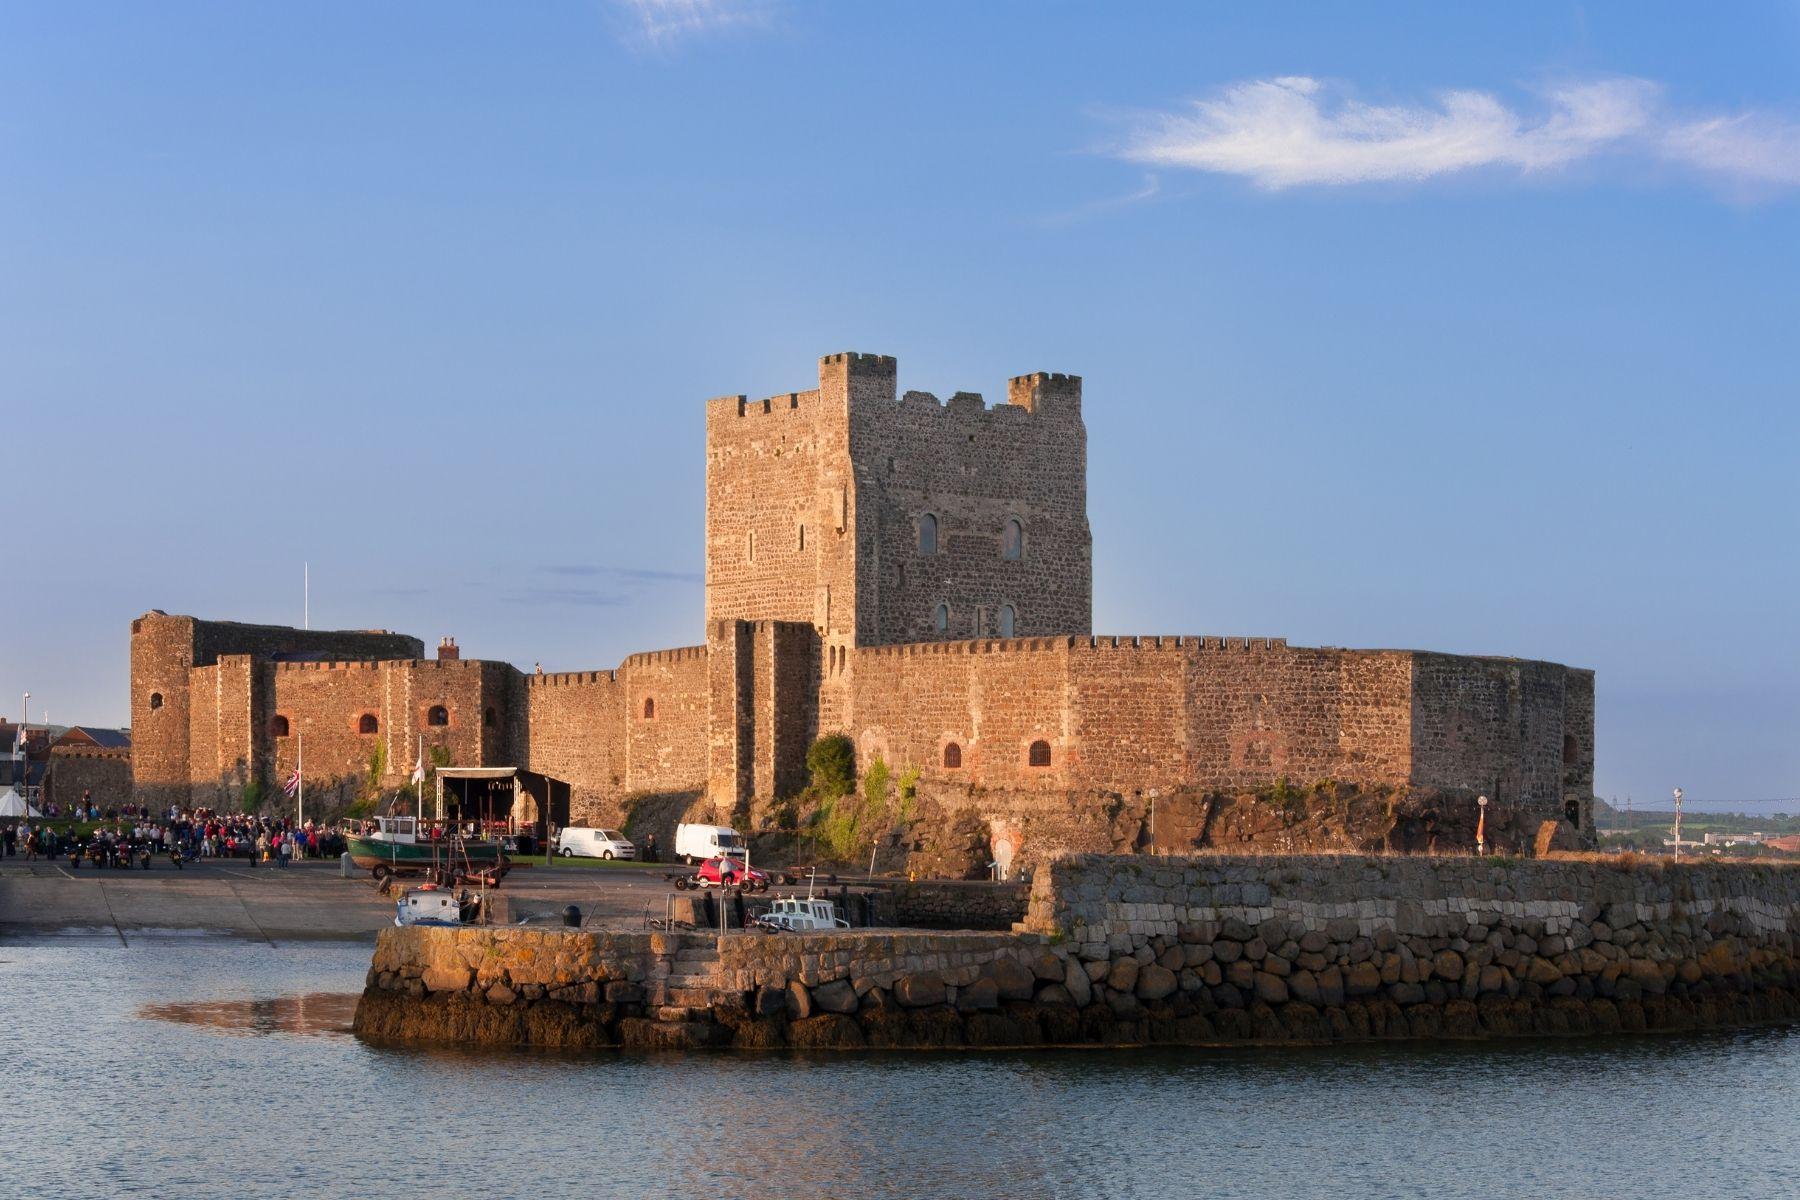 castele irlanda